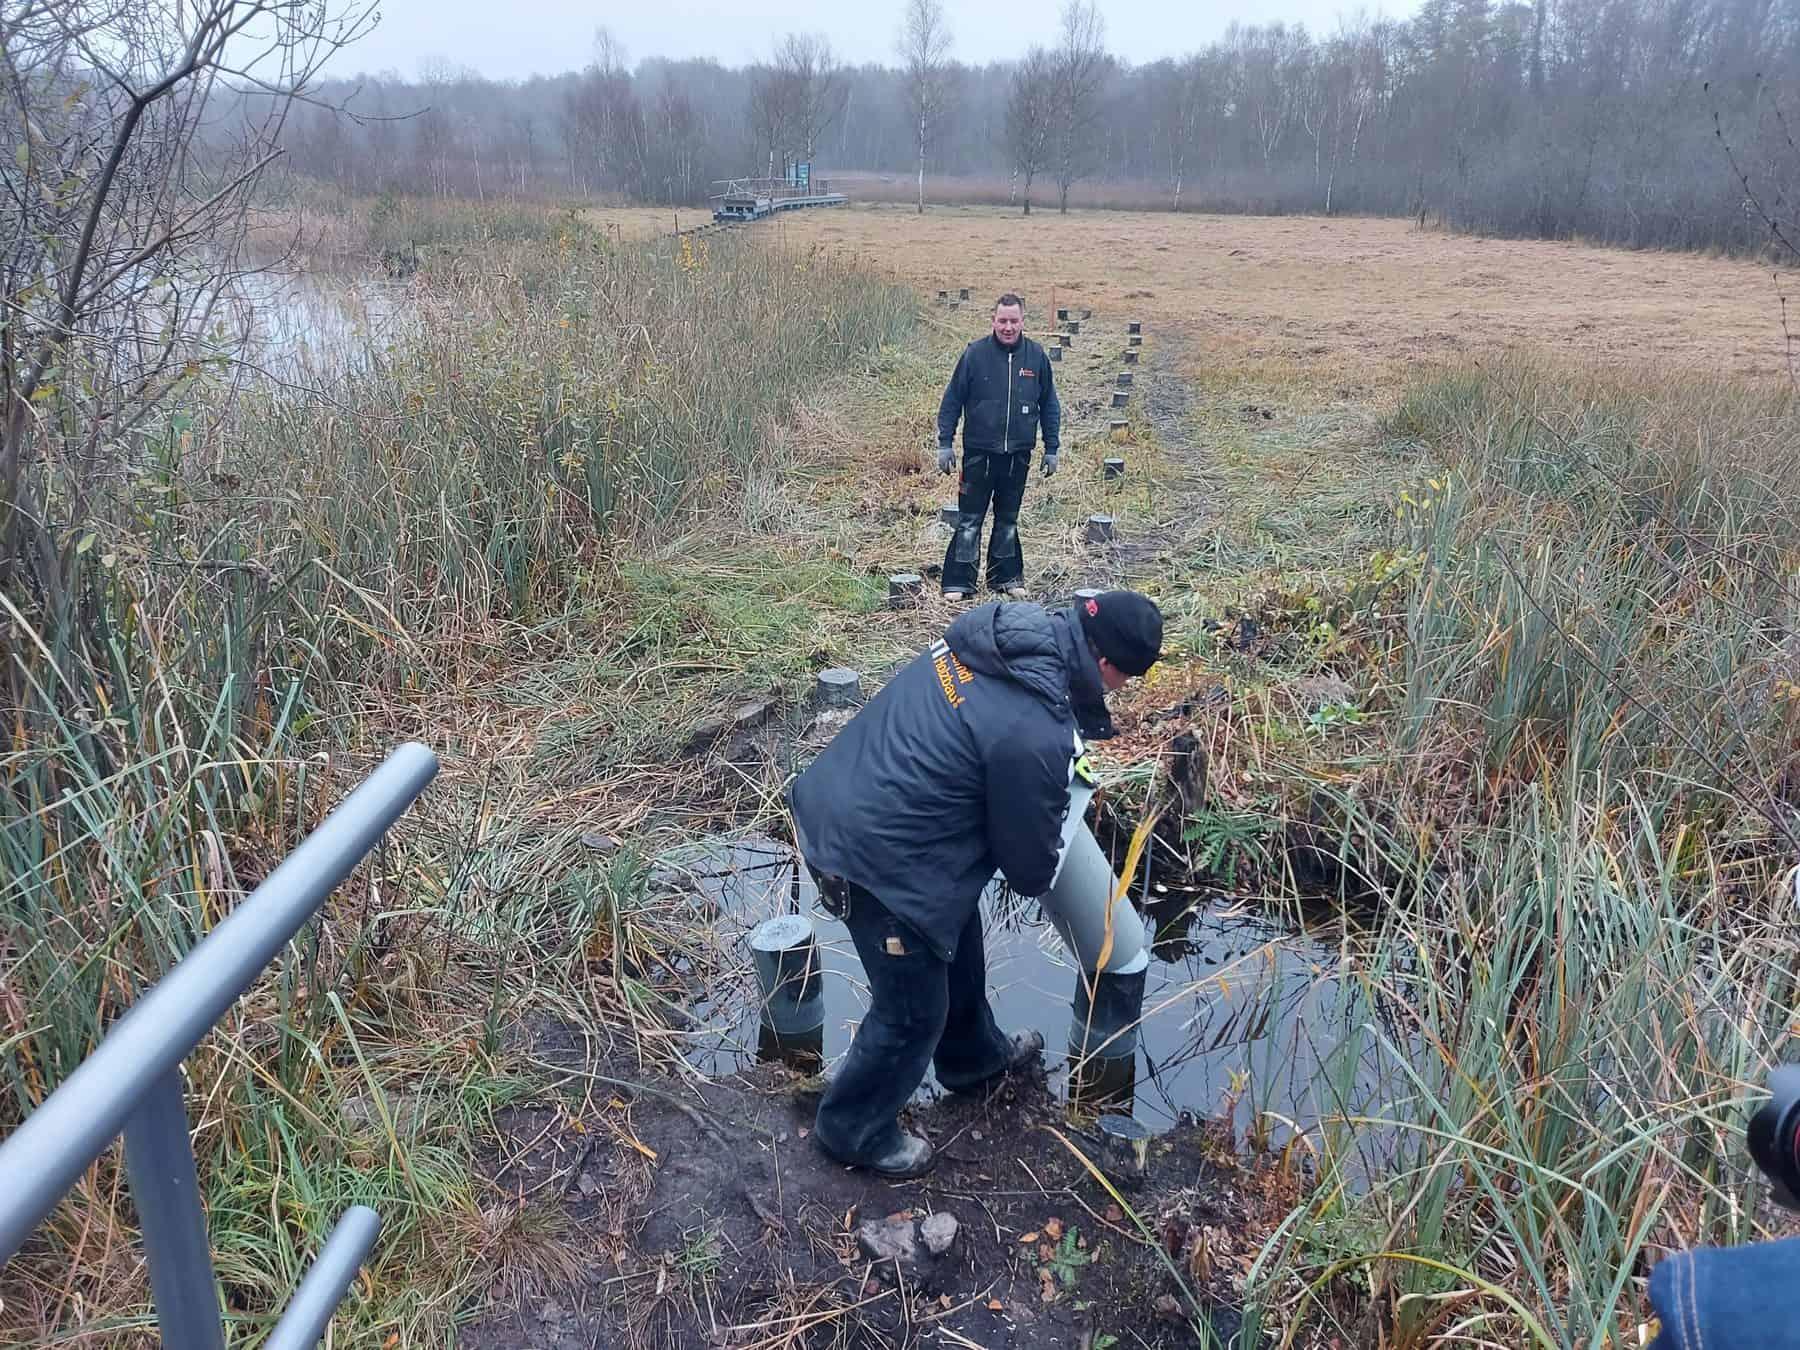 Moorerlebnispfad in Zarrentin am Schaalsee bald wieder begehbar